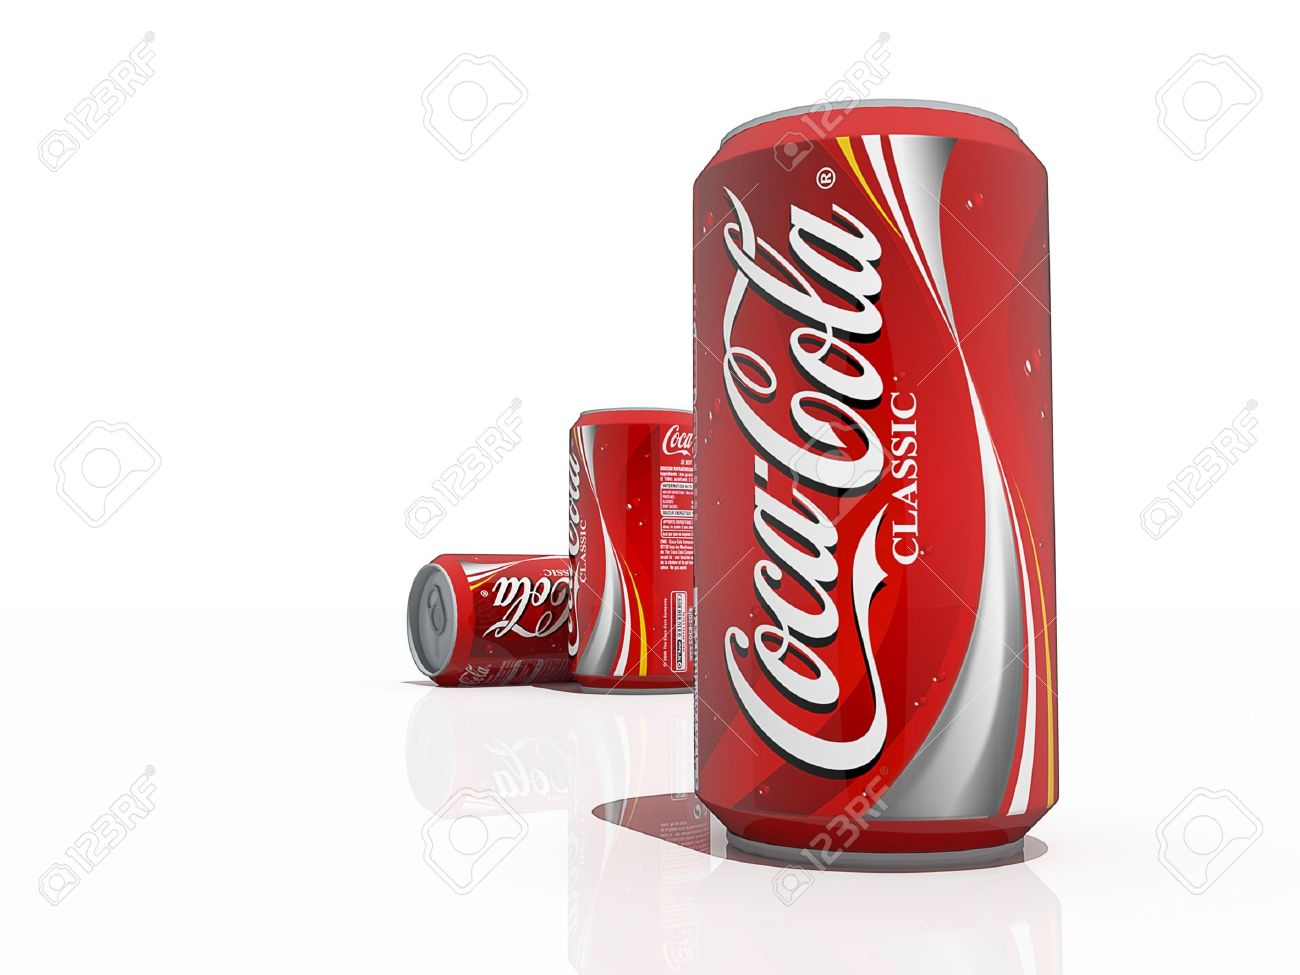 Ottawa, Ontario, November 29 2012 : Coca-Cola Soda Pop Cans Editorial License Stock Photo - 11348391